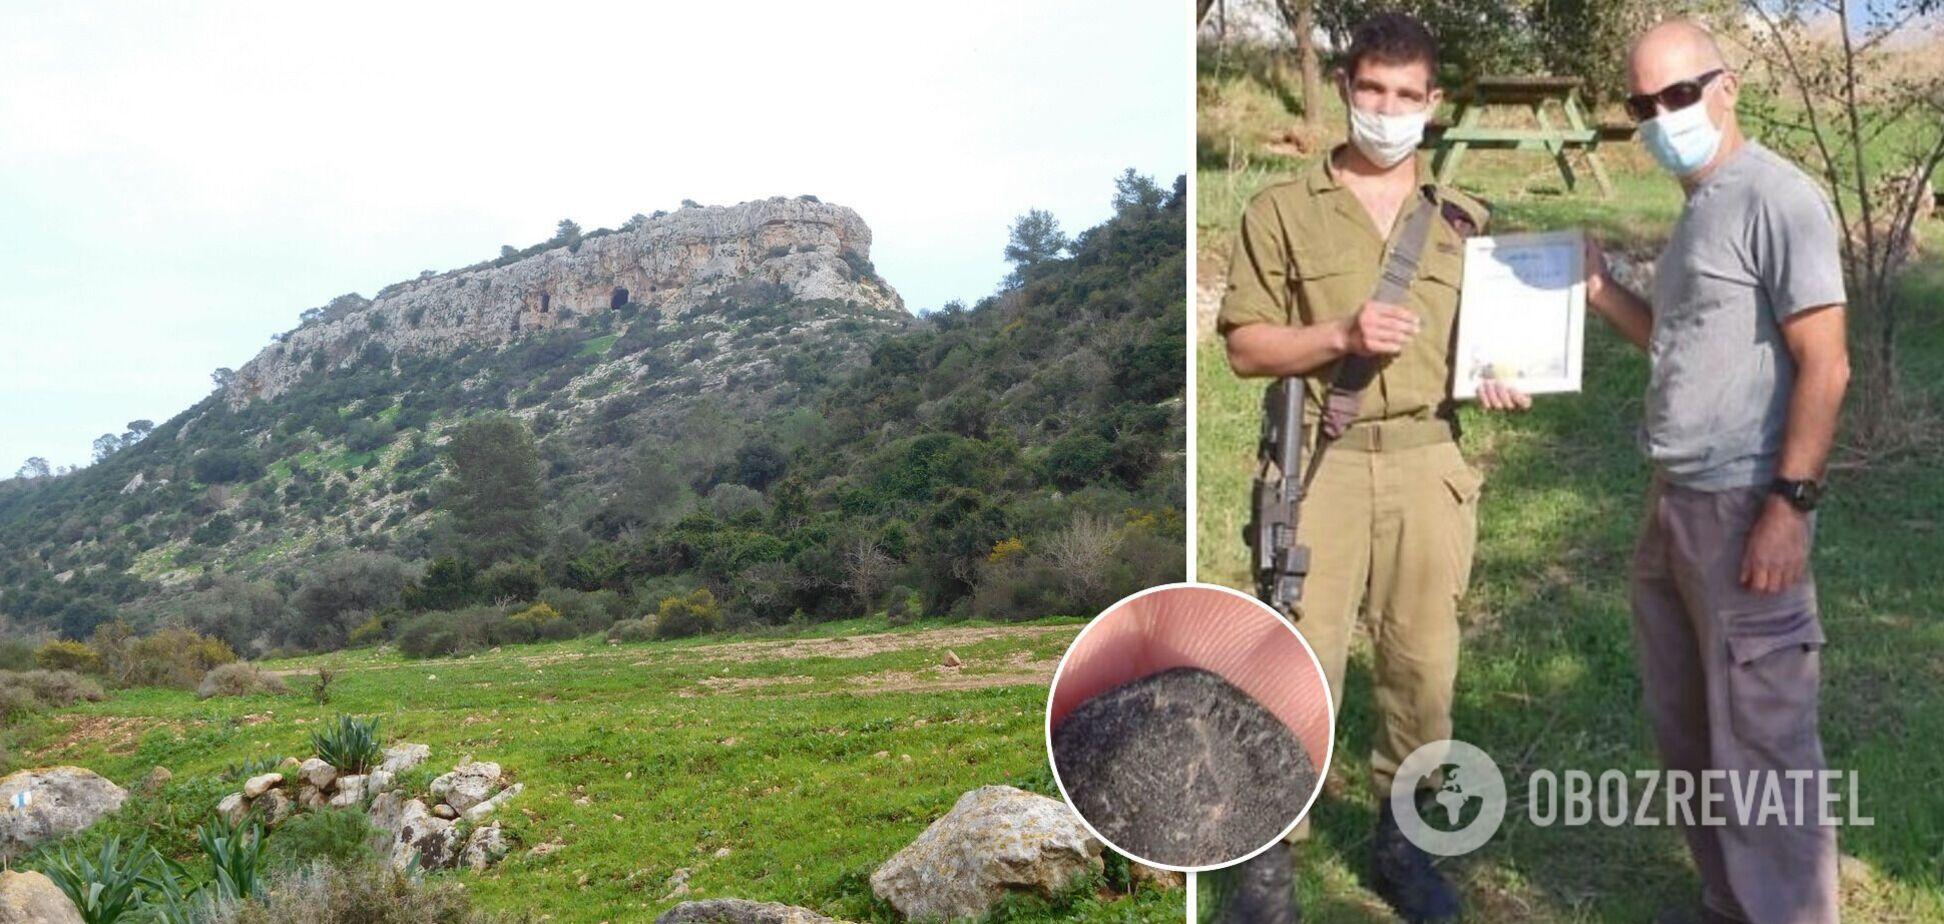 В Израиле солдат нашел редкую 1800-летнюю монету с римским императором. Фото